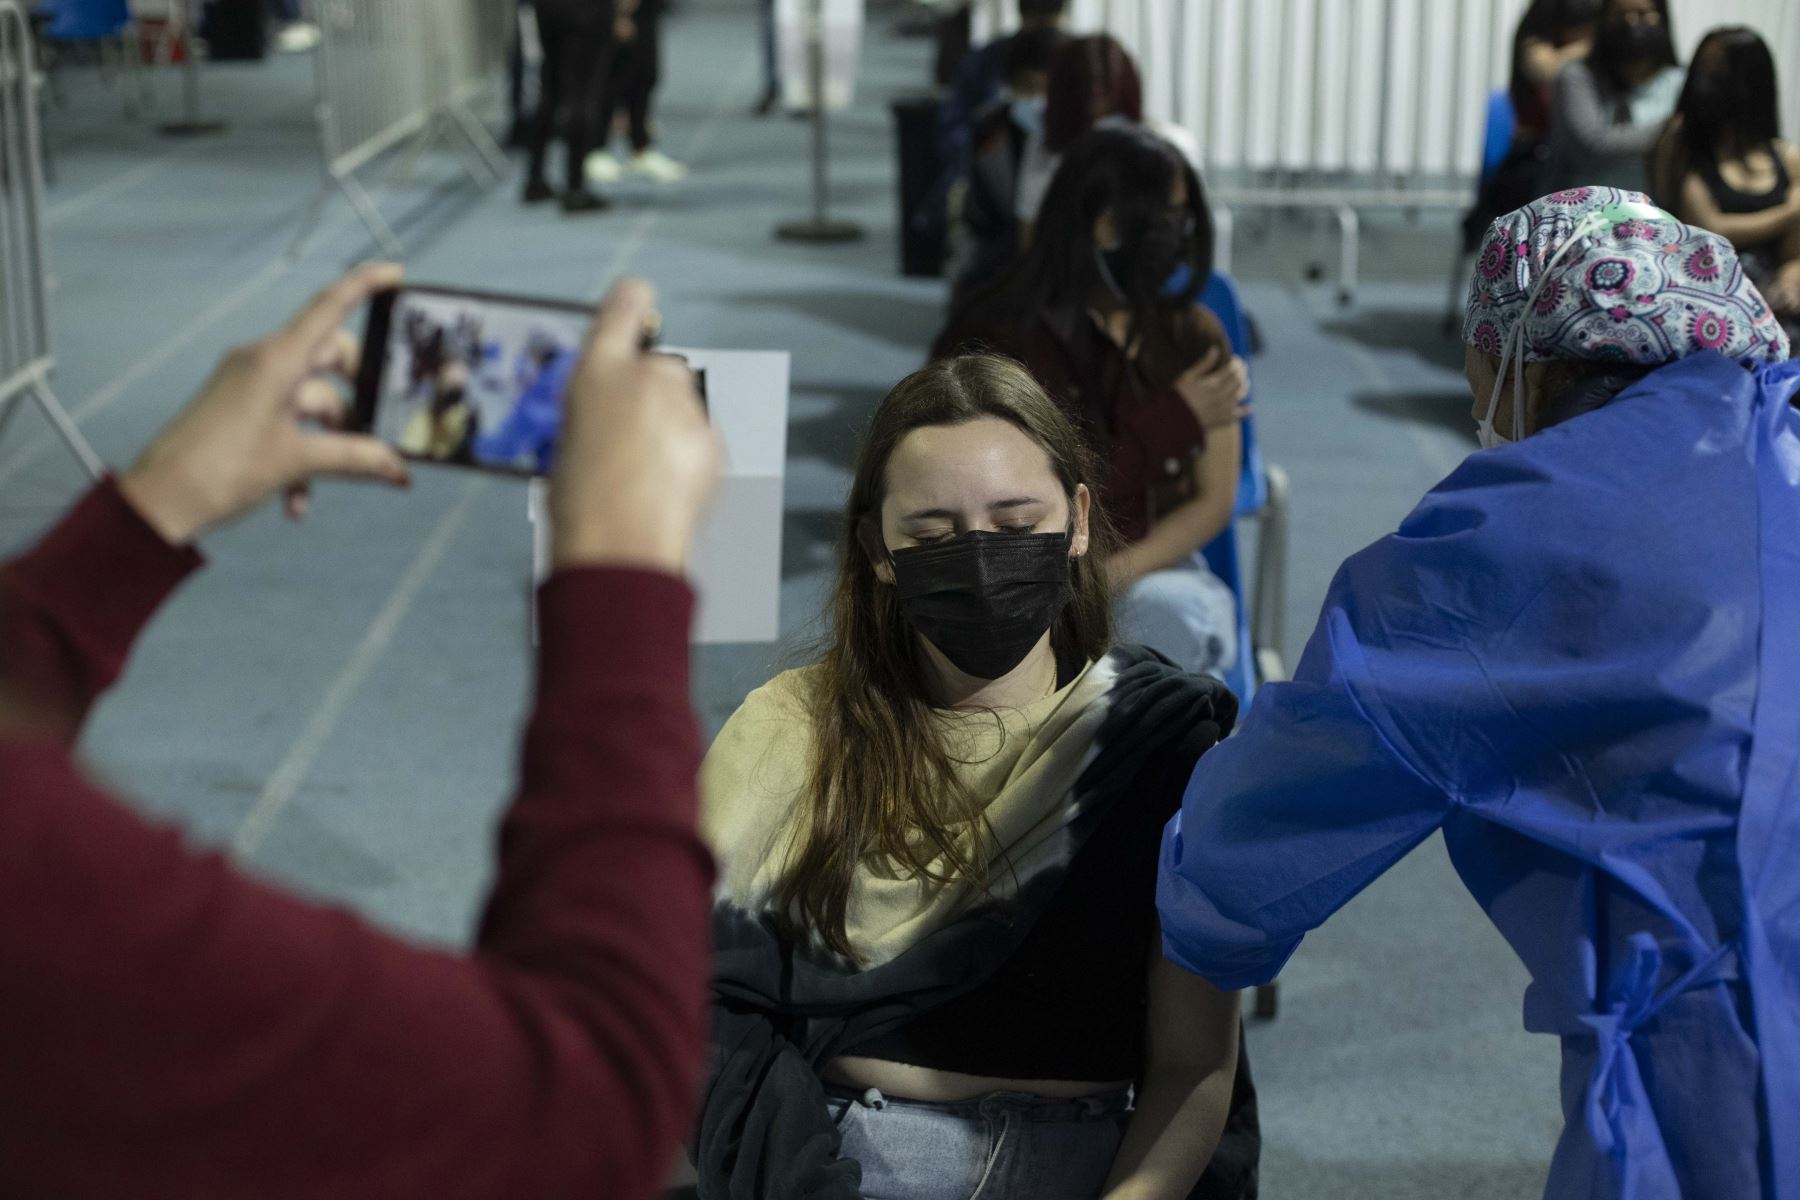 Vacunación contra la covid-19 en el estadio Luis Gálvez Chipoco de Barranco. Inoculación para personas mayores de 18 años se dio inicio este lunes y el horario de atención es de 7 a.m. a 7 p.m. en todos los centros de salud. Foto: ANDINA/Carla Patiño Ramírez